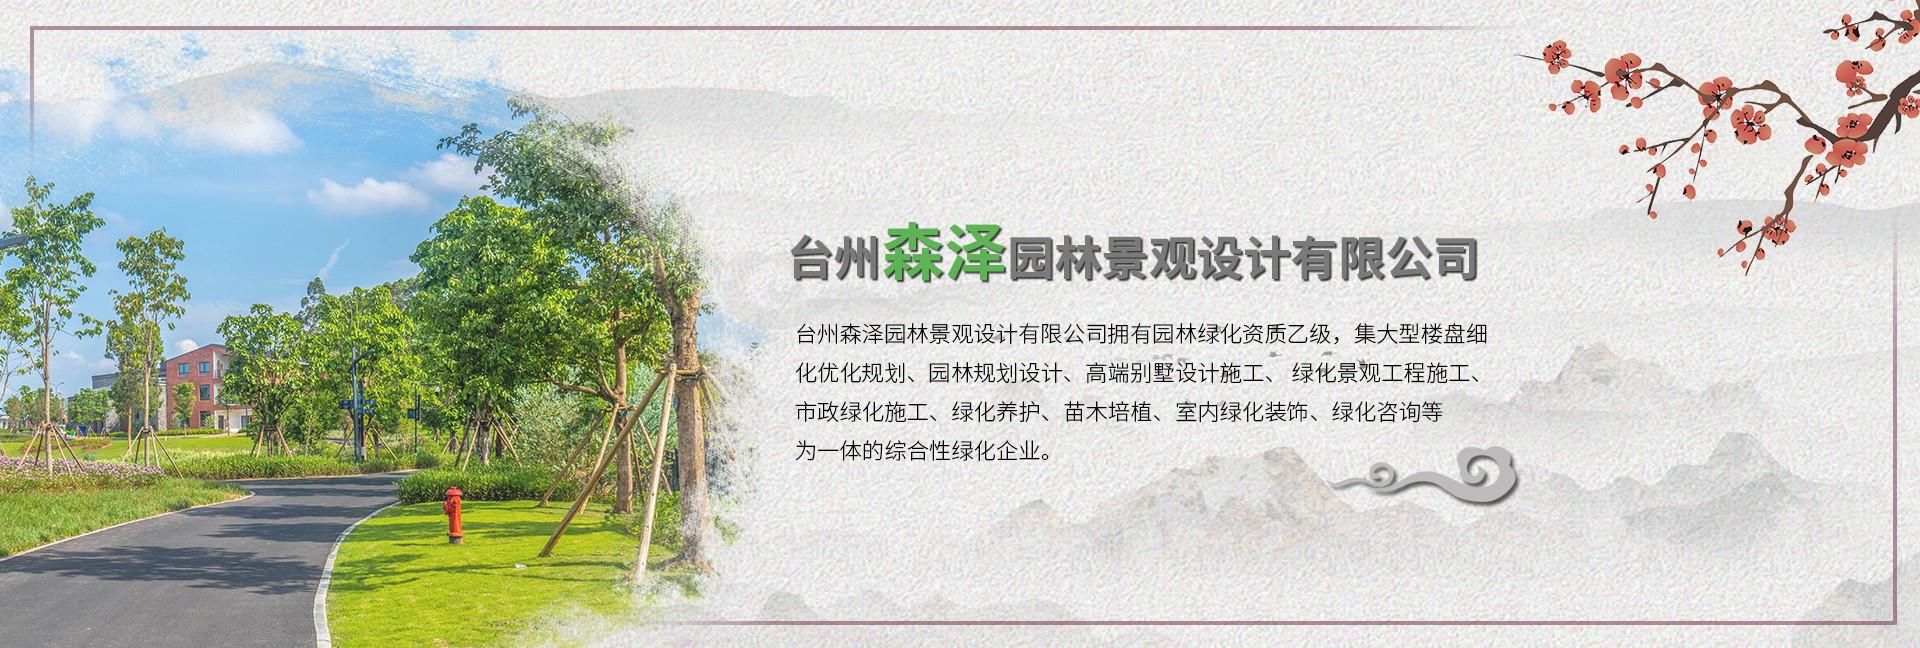 台州园林绿化